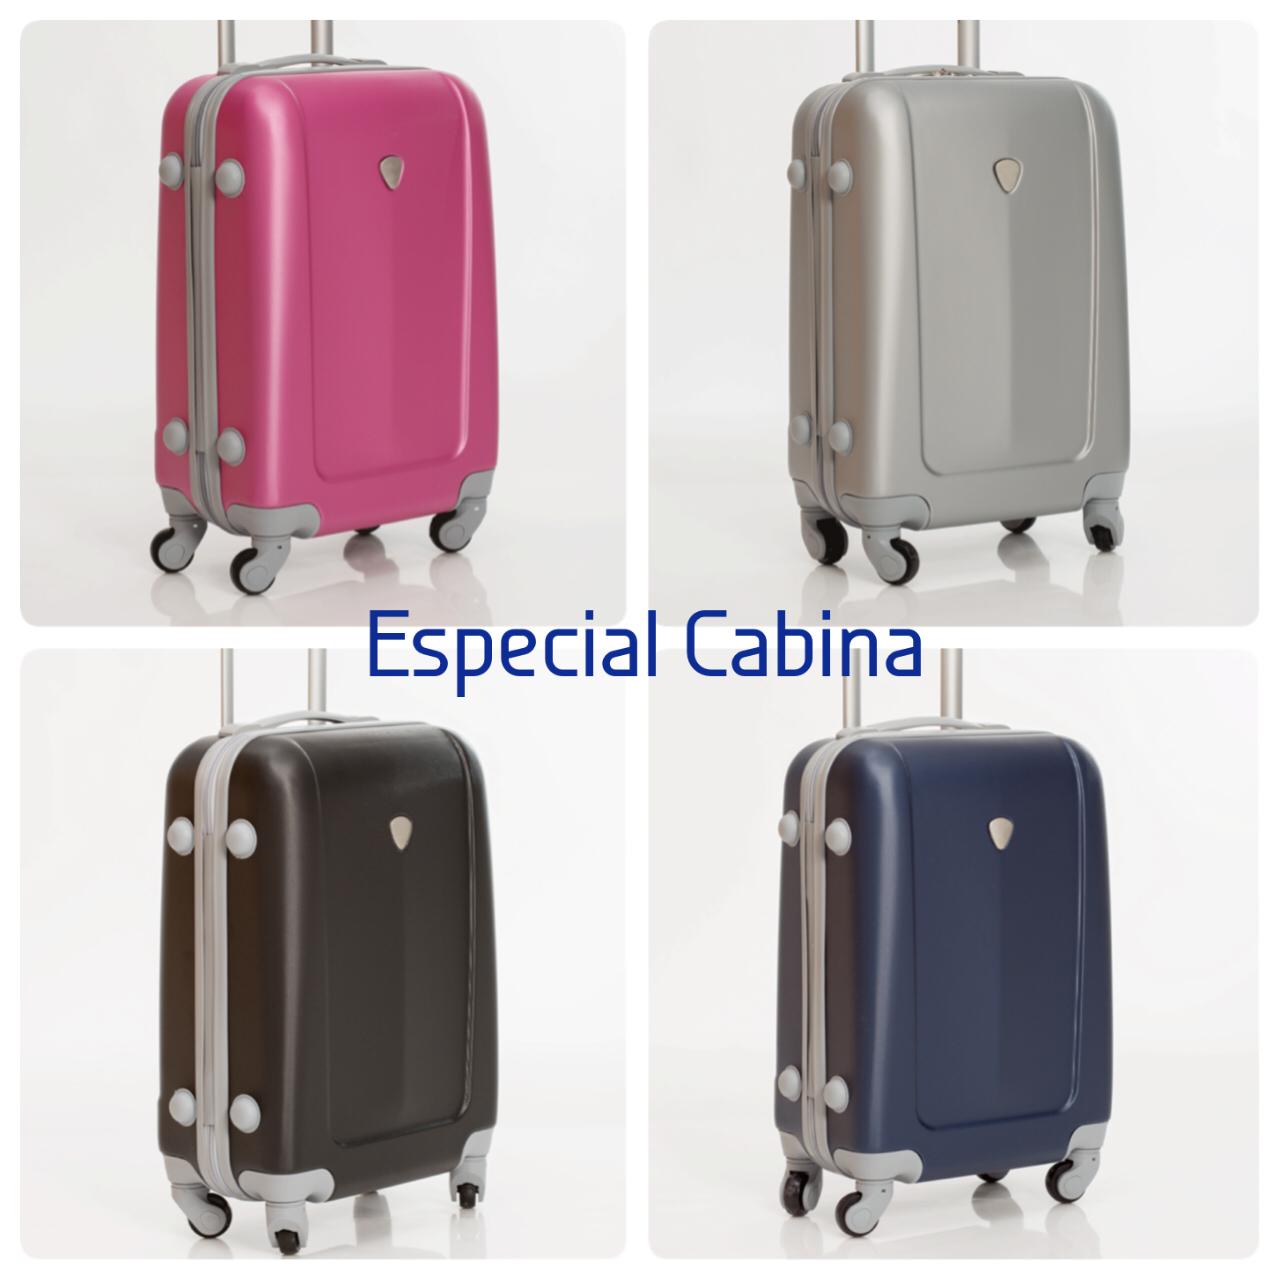 maletas para gabinas de avion con bolso de mano